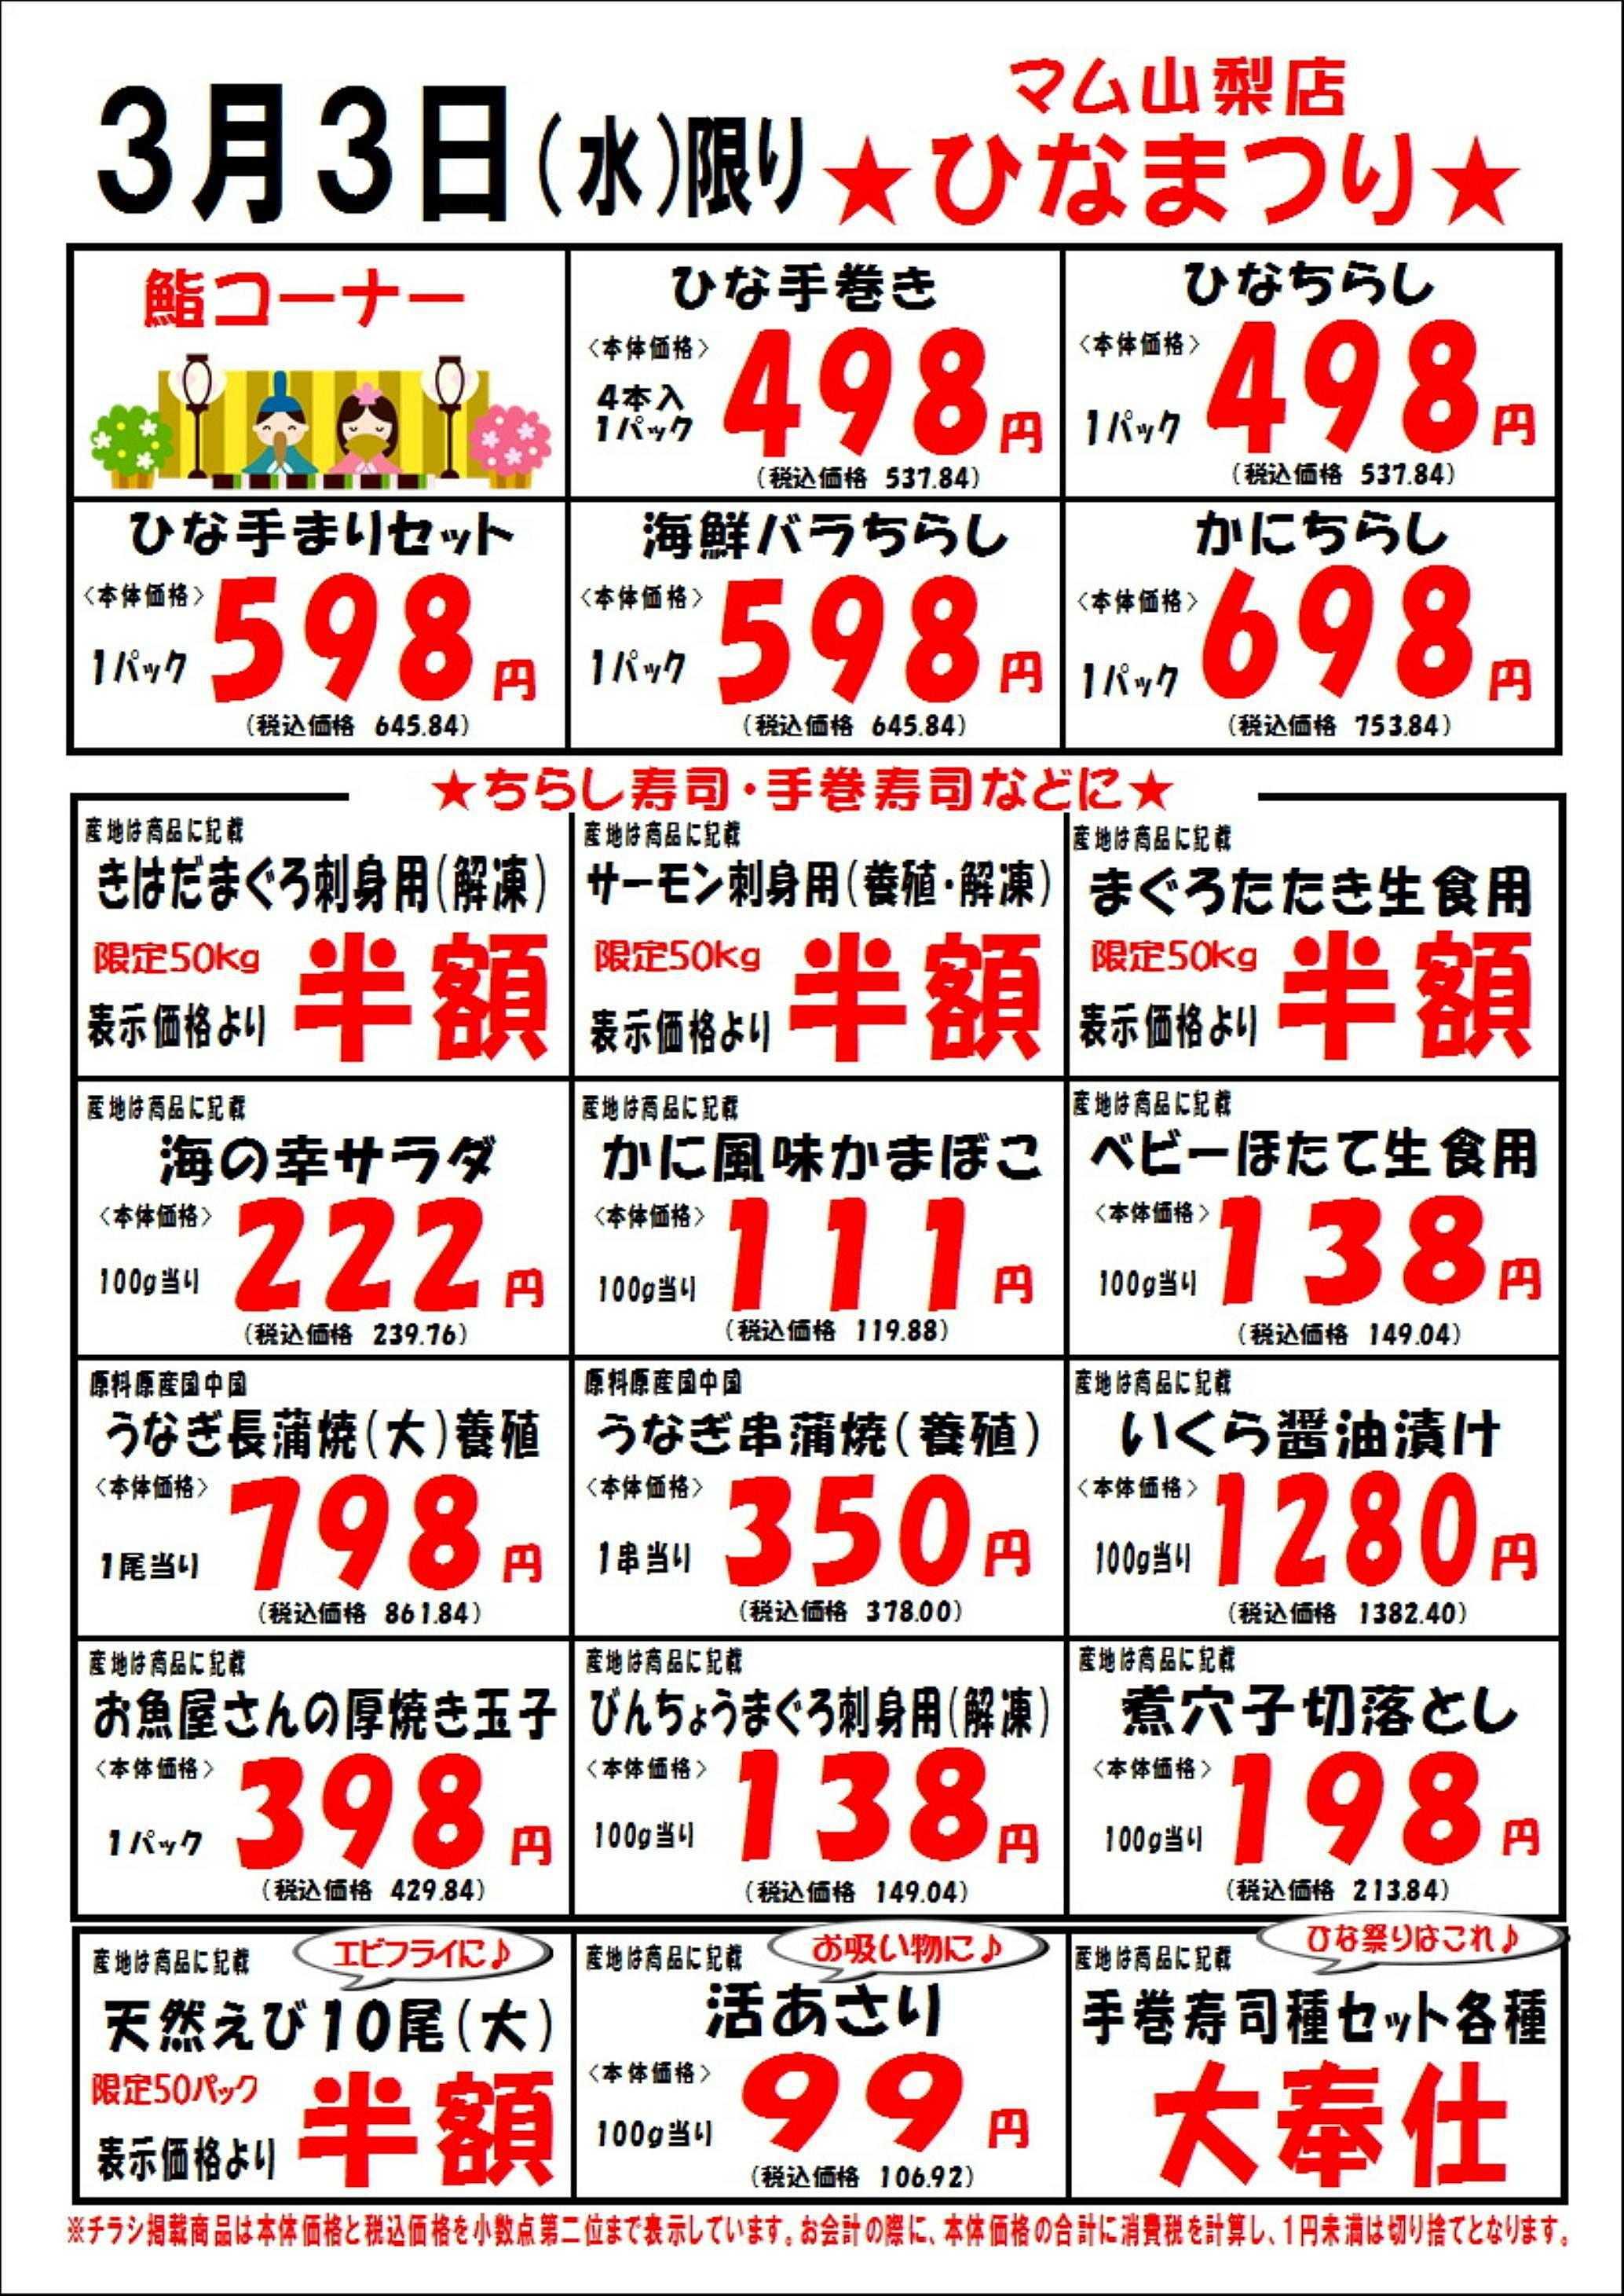 フードマーケット マム 山梨店 ひなまつり 3/3~3/4